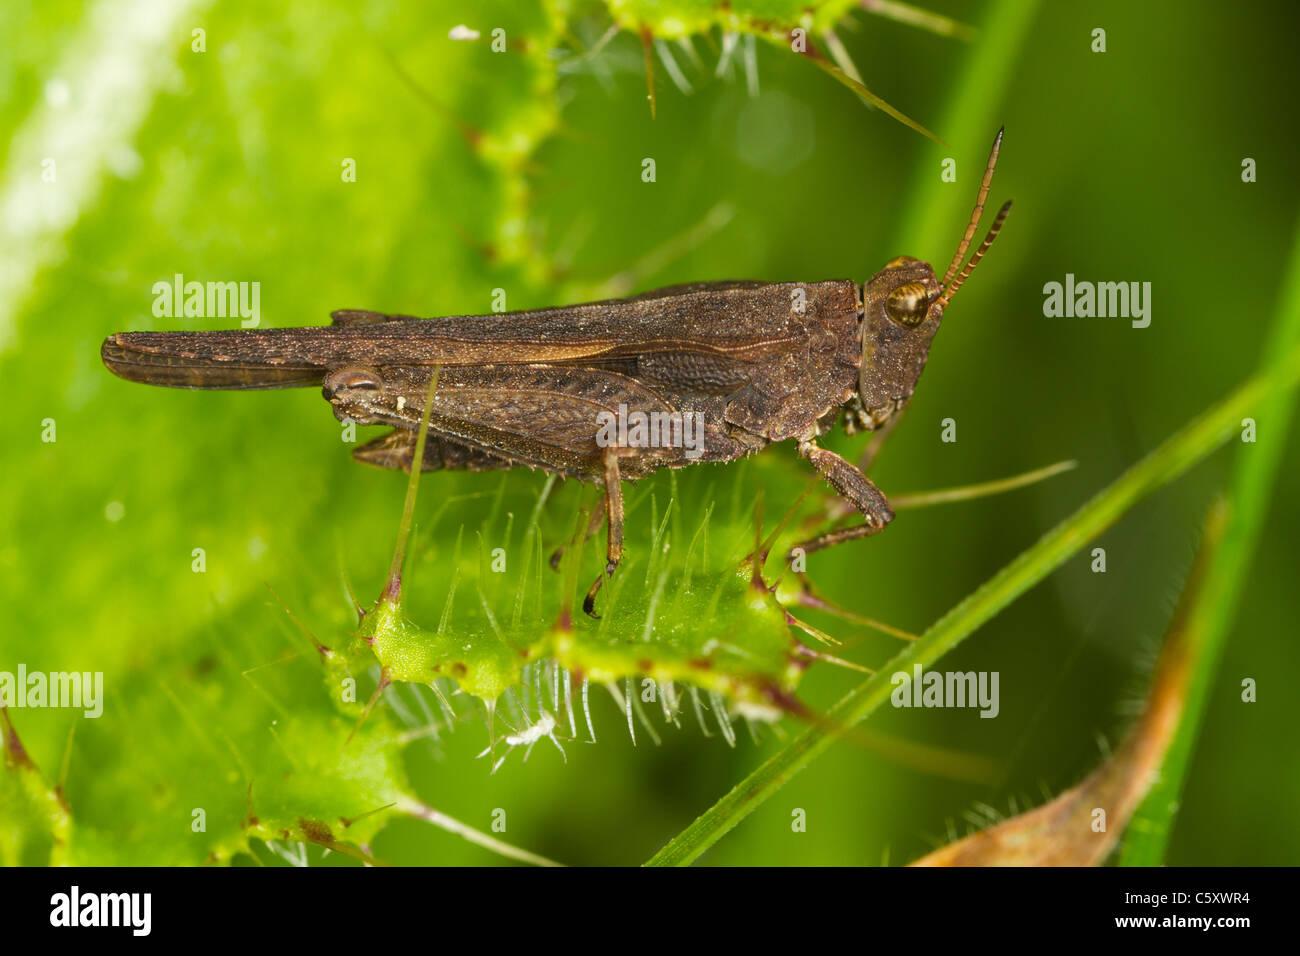 Slender Ground-hopper (Tetrix subulata) sitting on thistle leaf - Stock Image